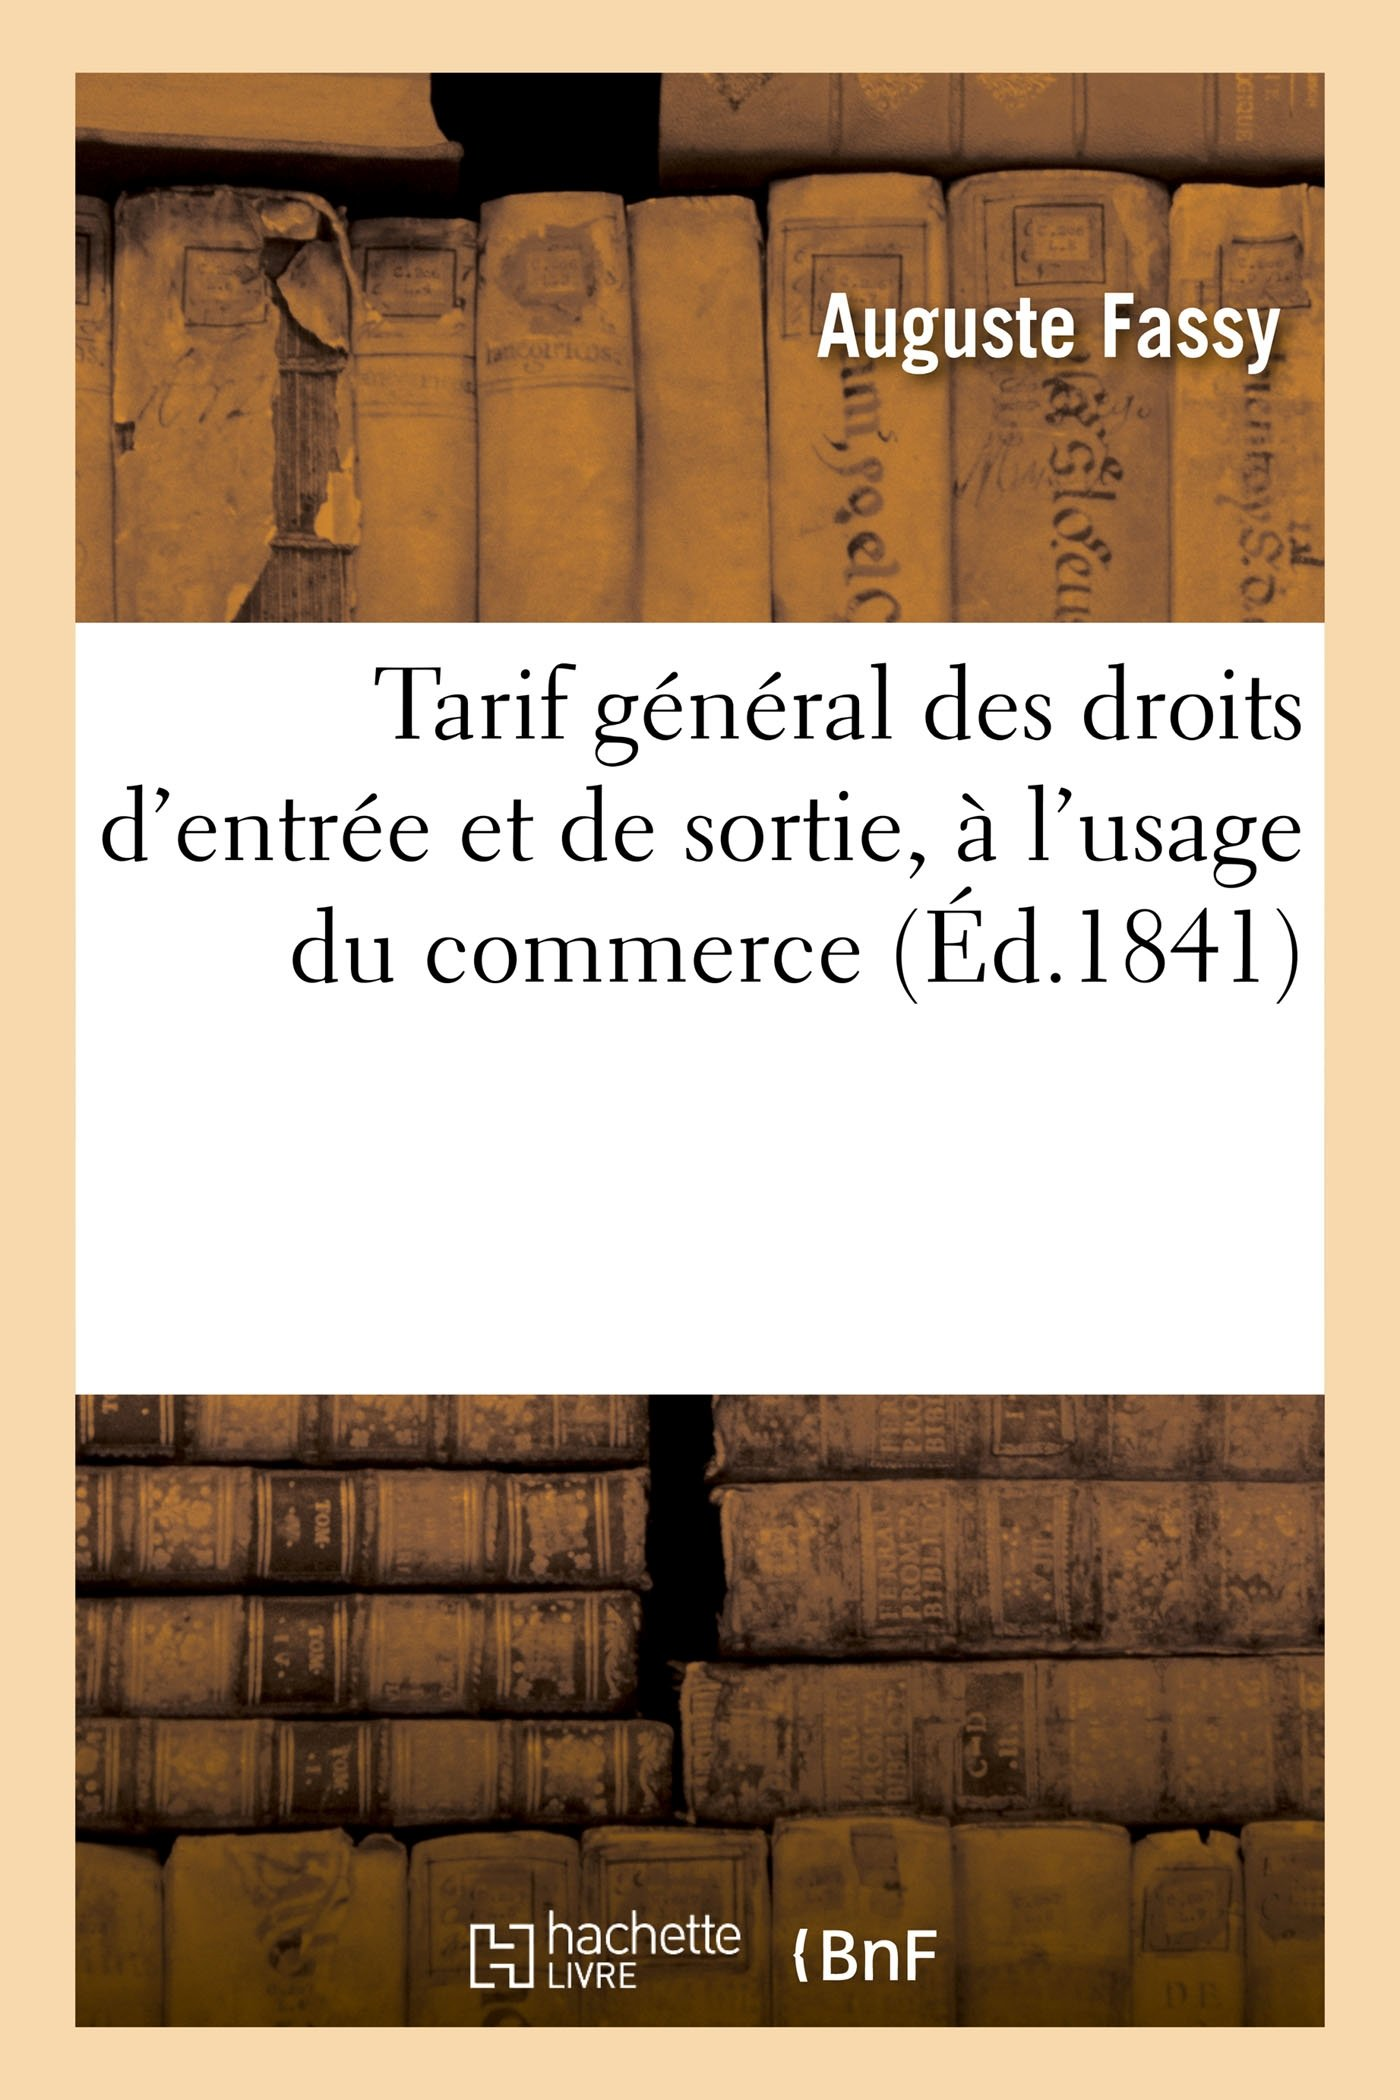 Download Tarif Général Des Droits d'Entrée Et de Sortie, À l'Usage Du Commerce (Sciences Sociales) (French Edition) Text fb2 book